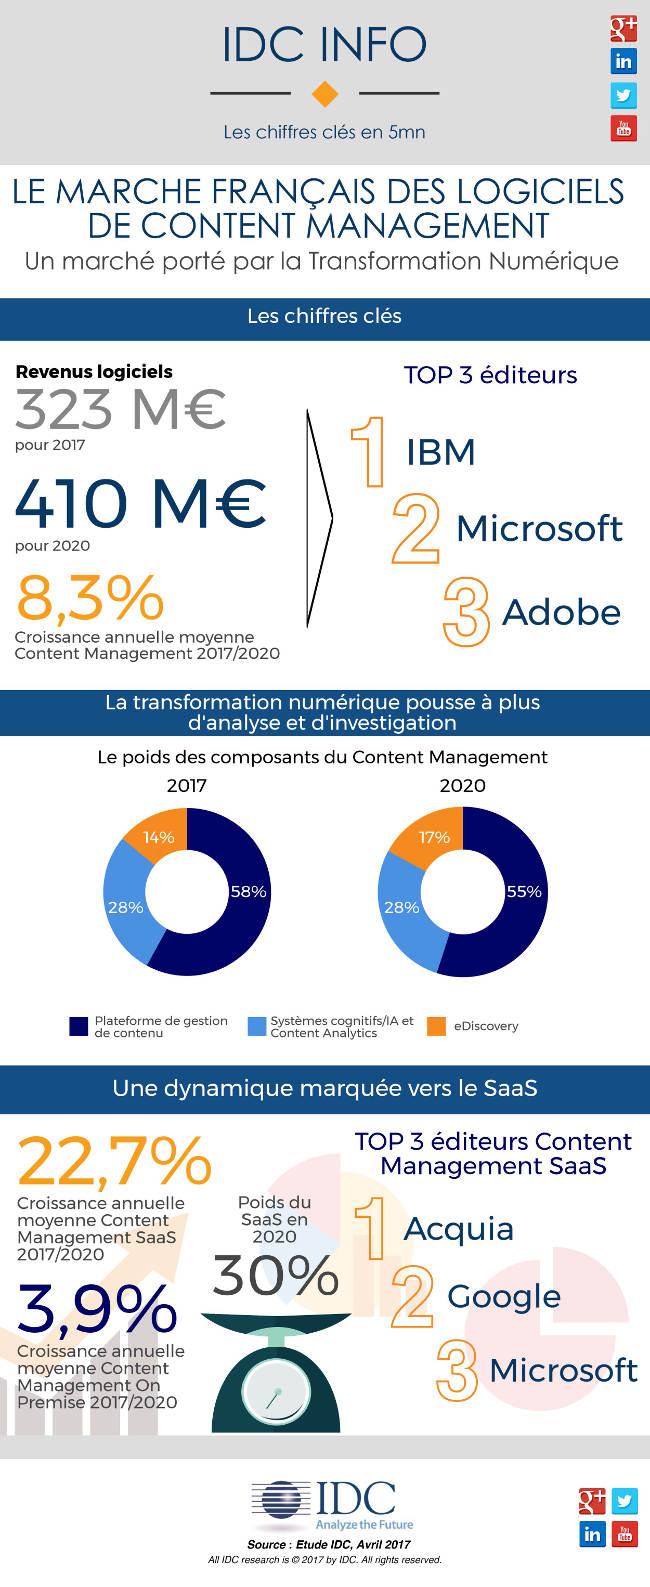 Le marché Français des logiciels de content management